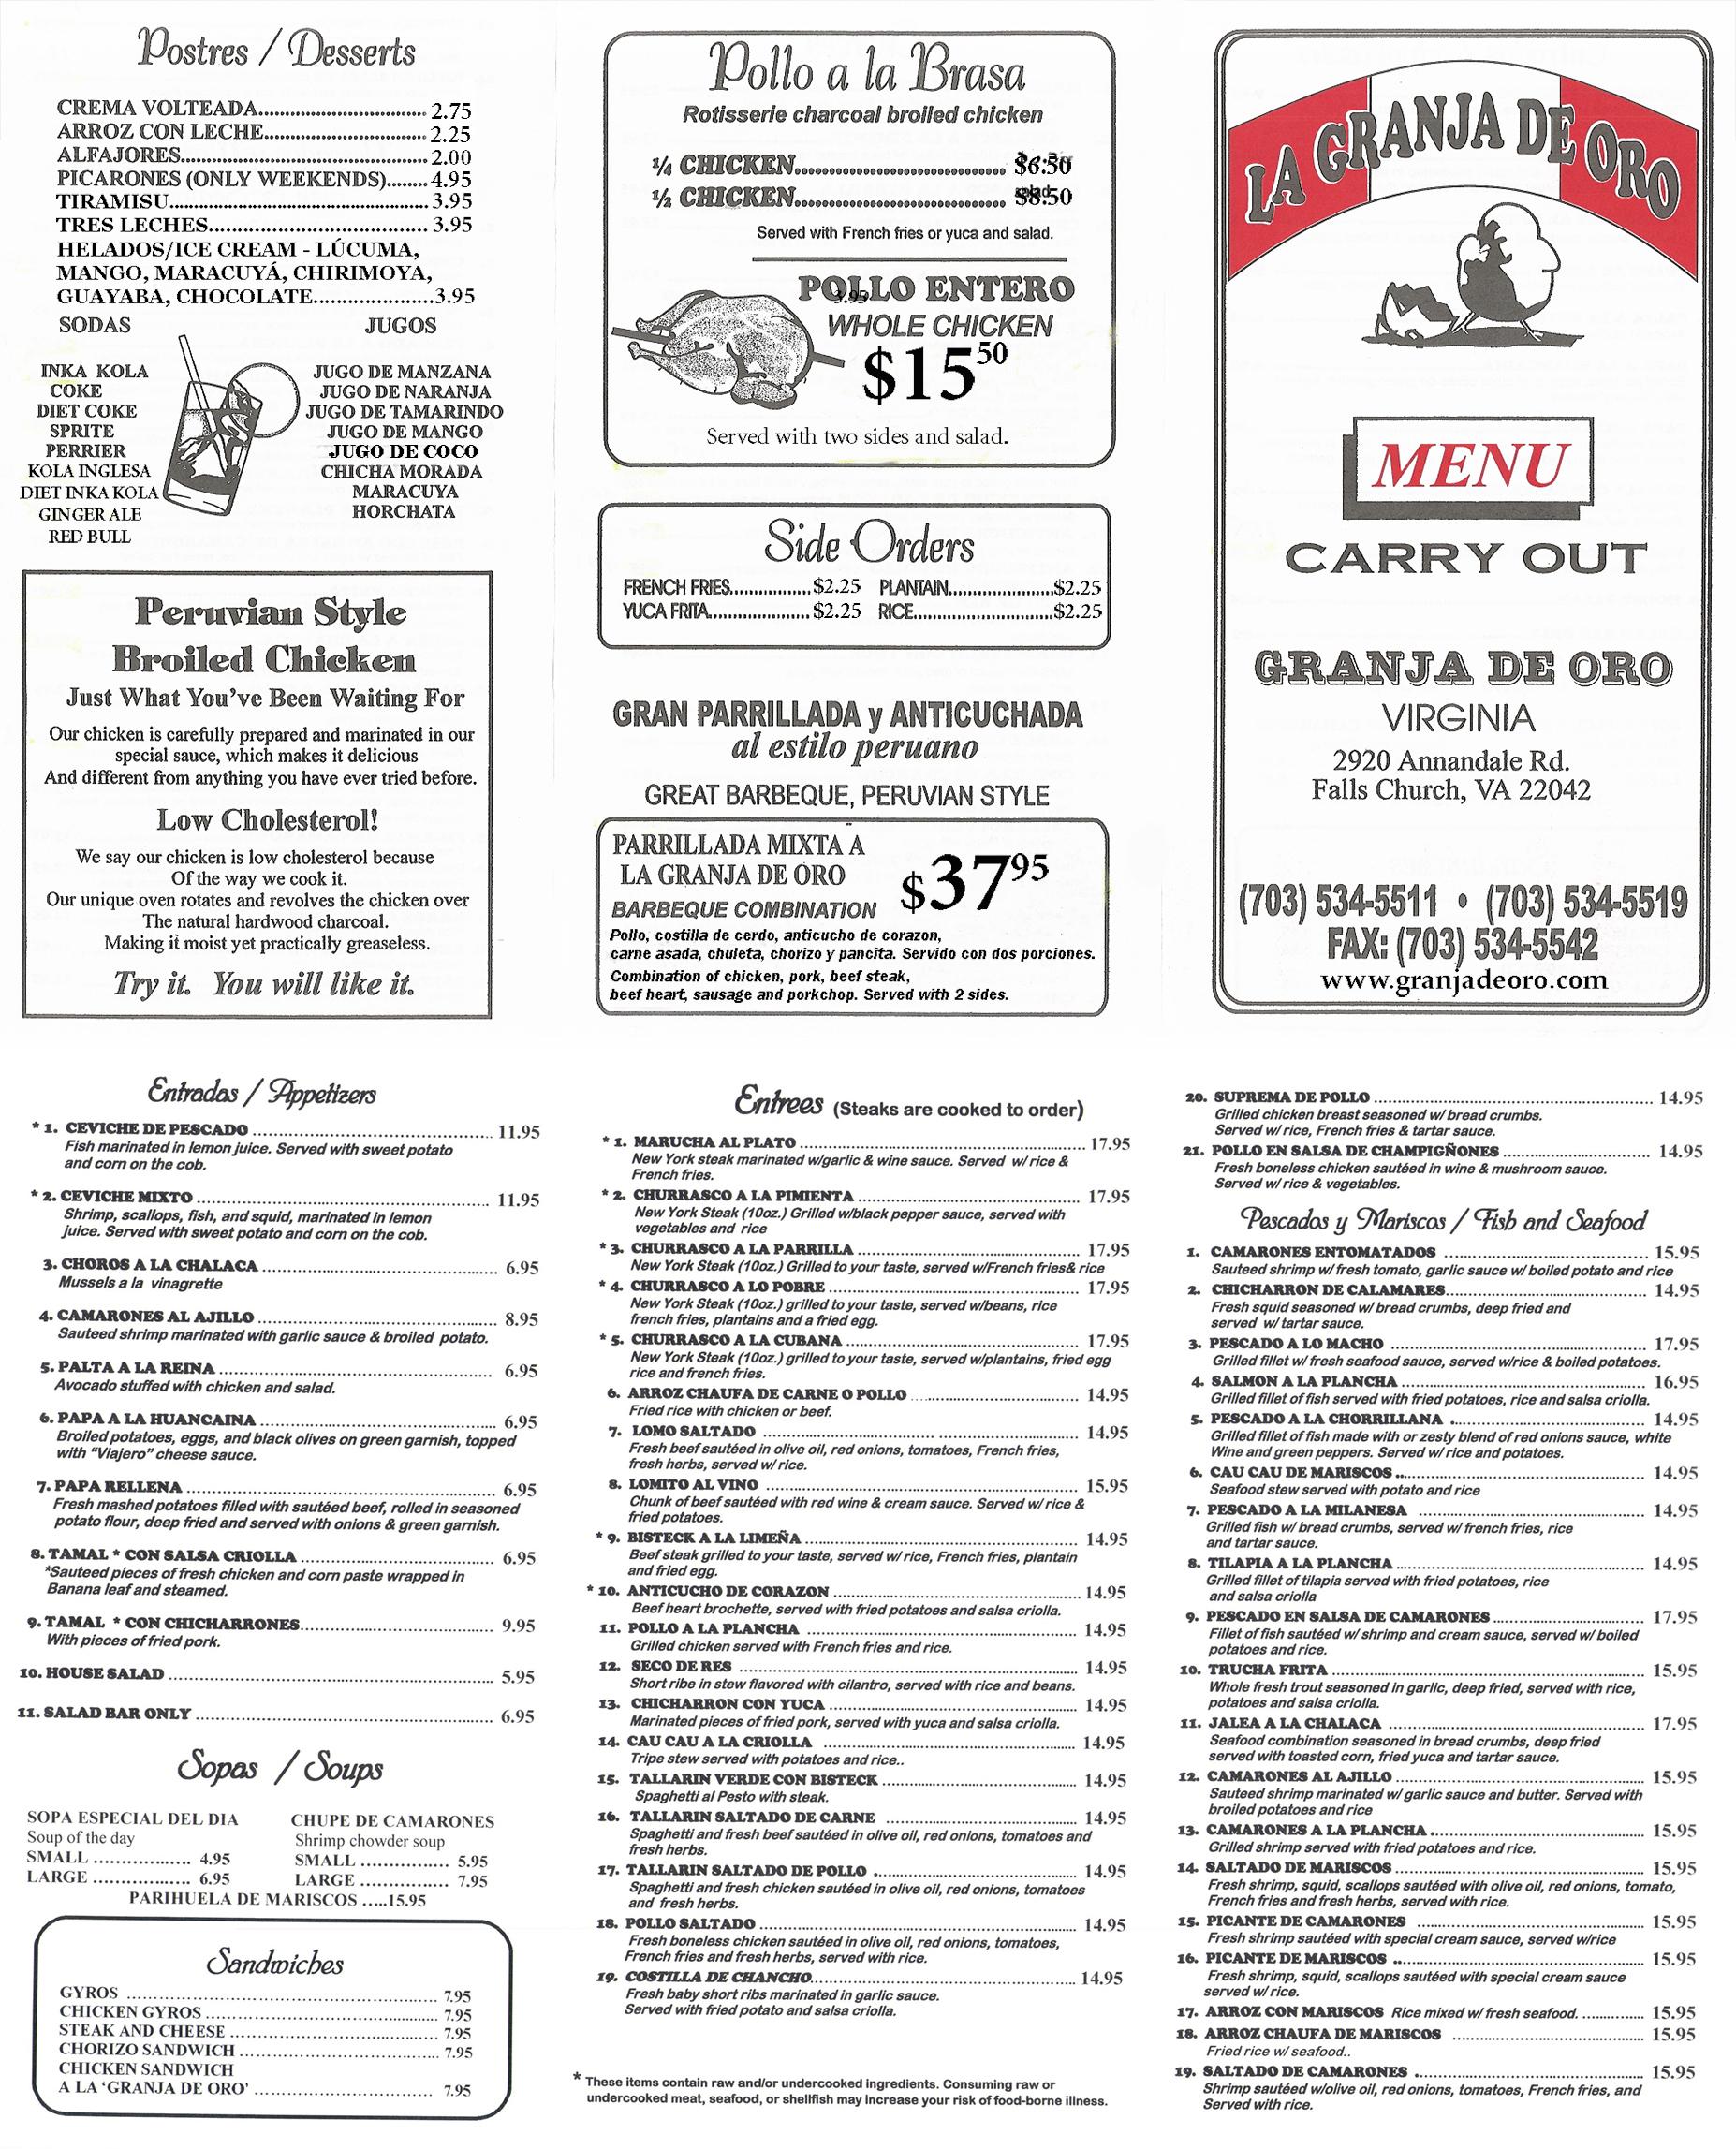 Granja de oro for Carryout menu